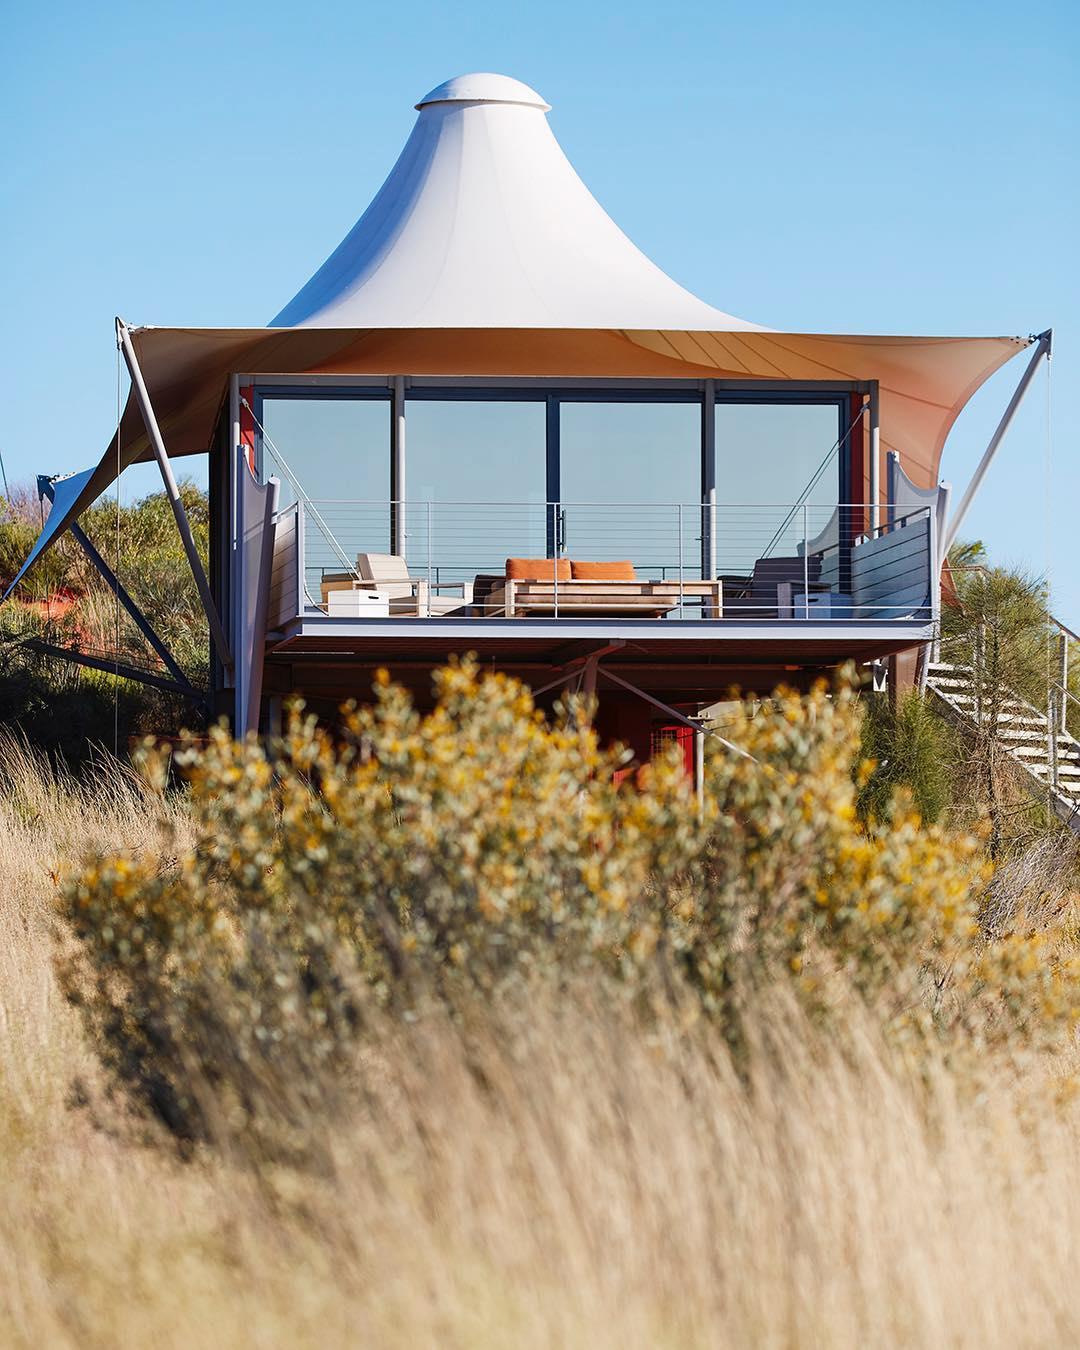 浪漫的野外露营 帐篷酒店经度131°